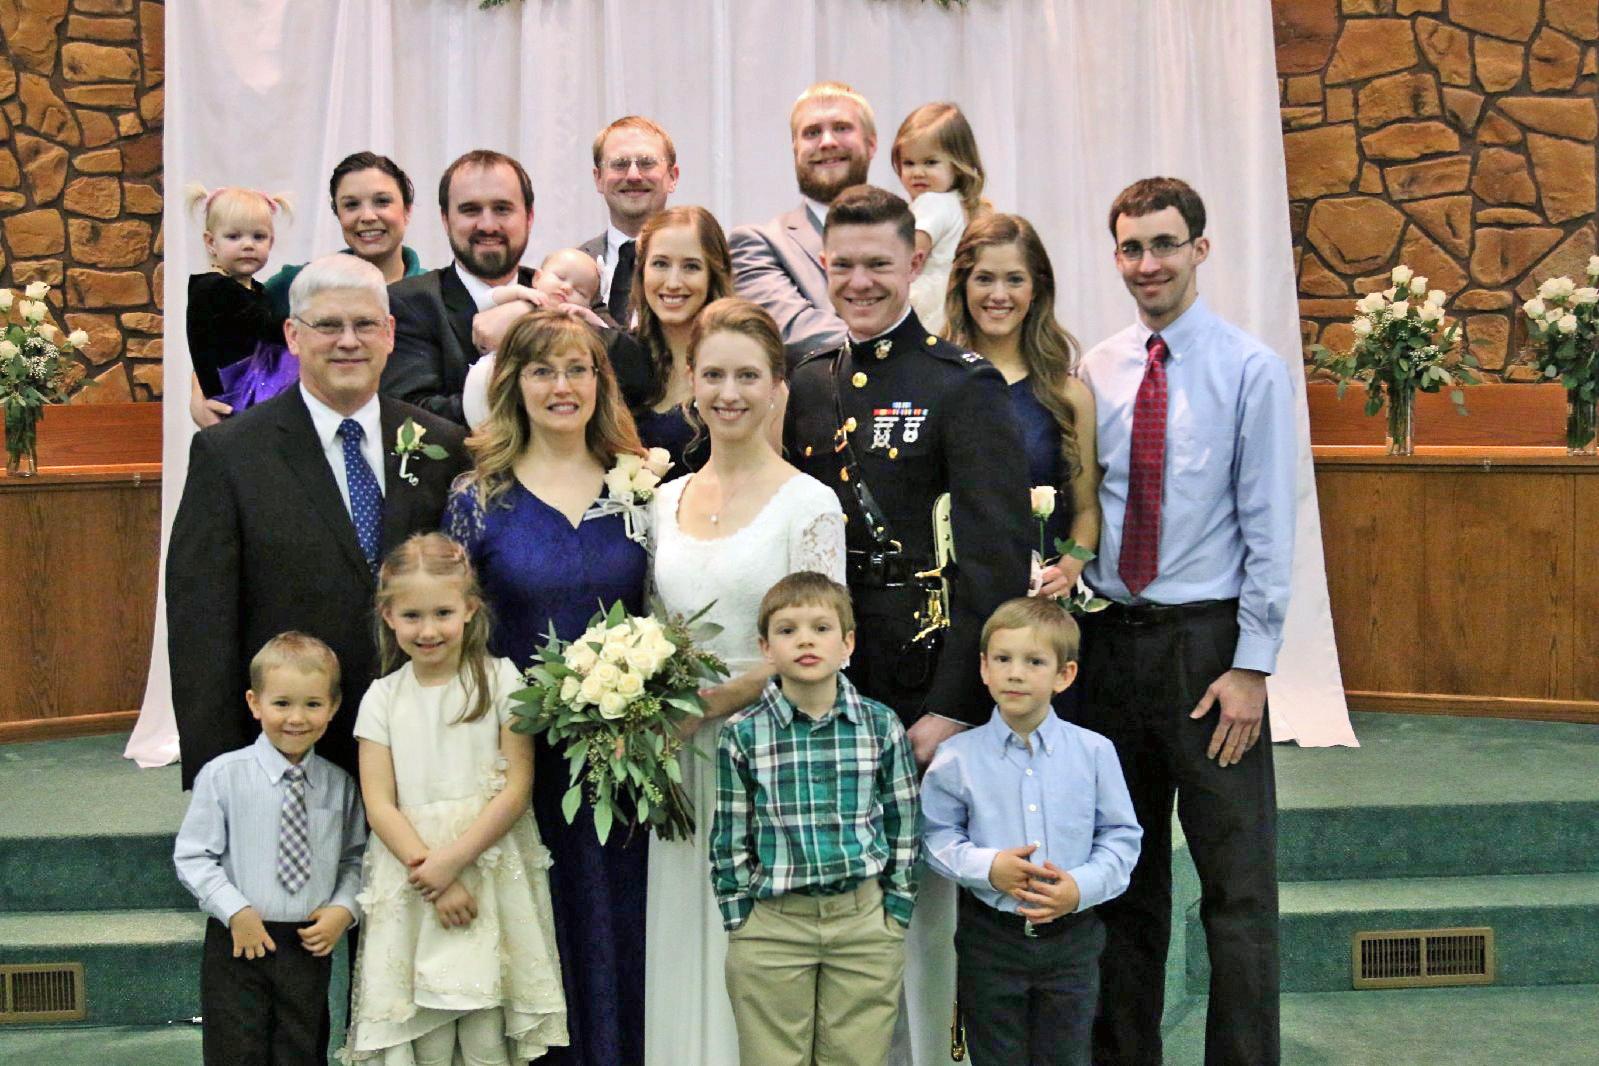 2018 Cleghorn Family KJC Weddingab